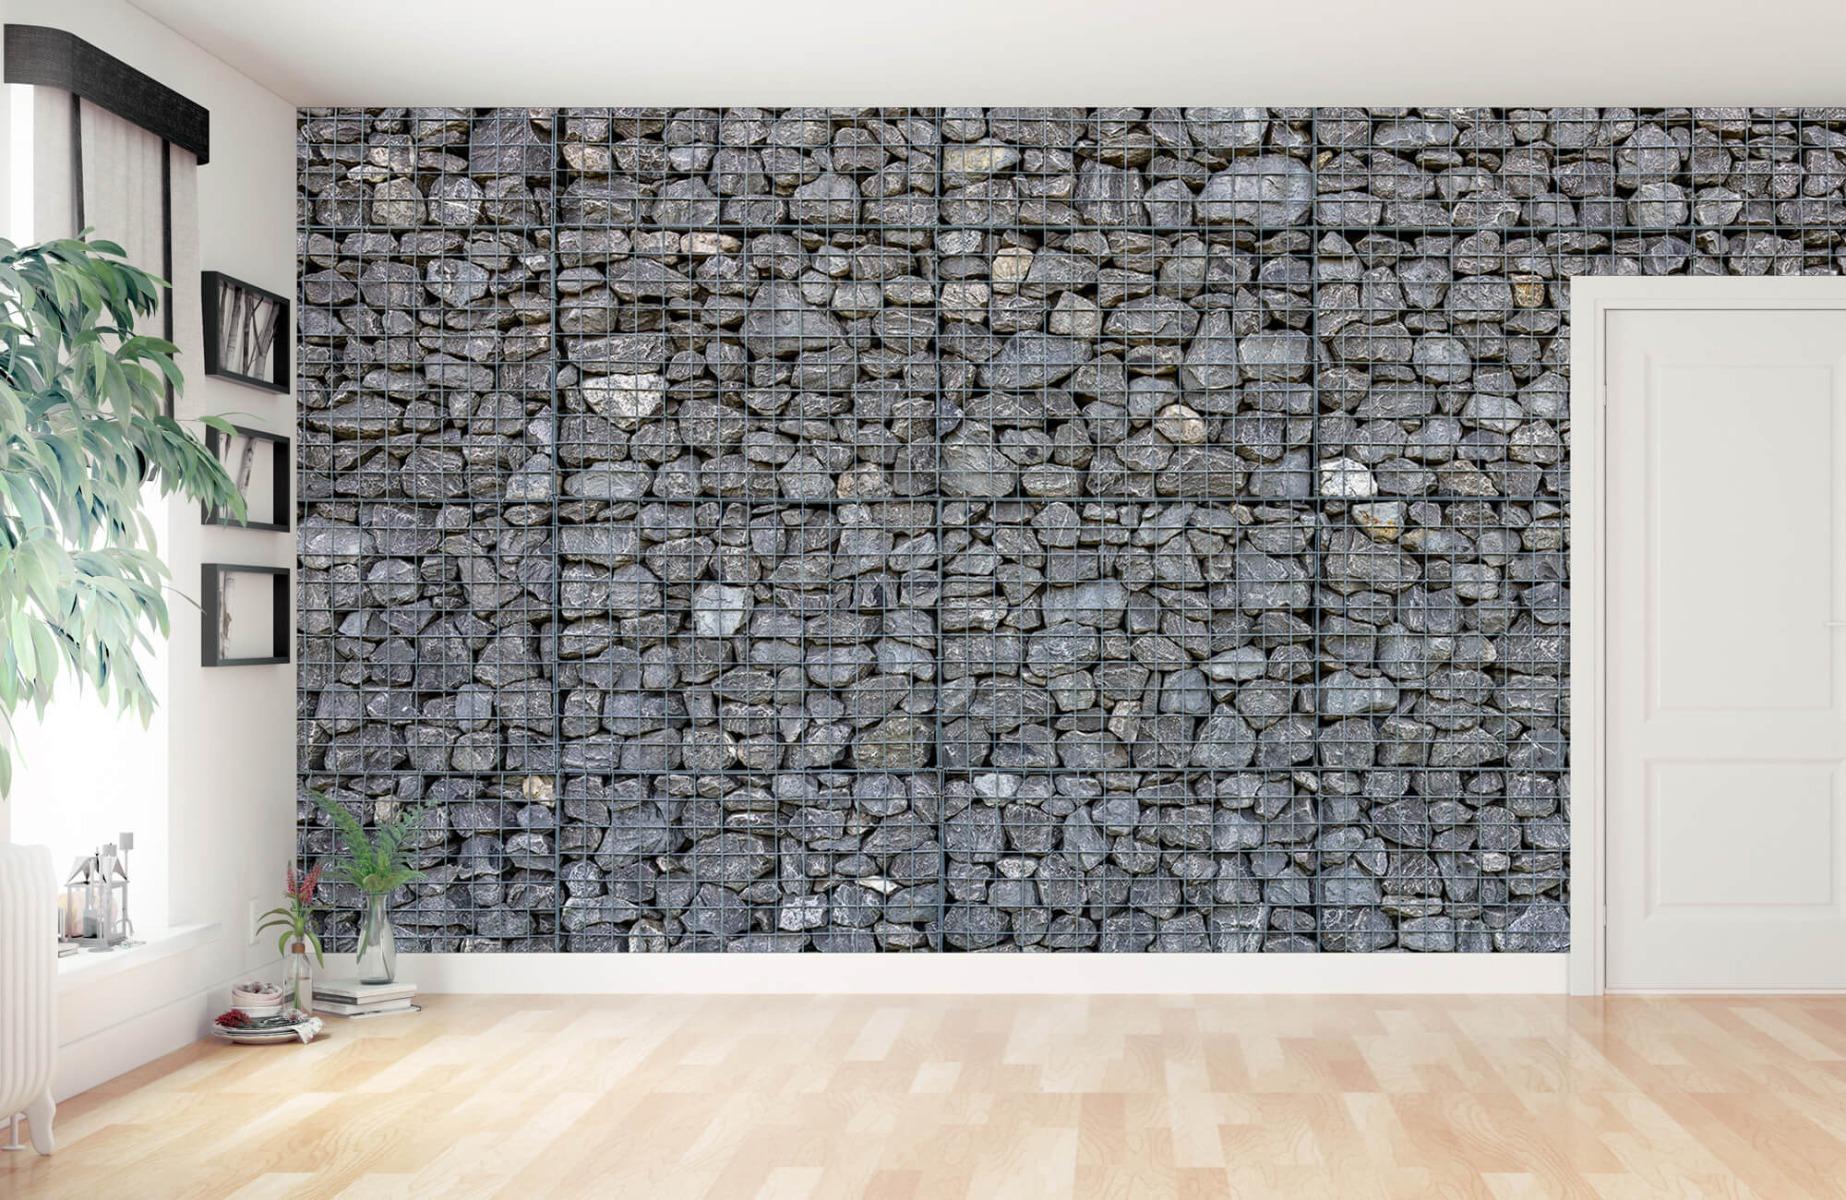 Steen behang - Steenkorf - Wallexclusive - Slaapkamer 11